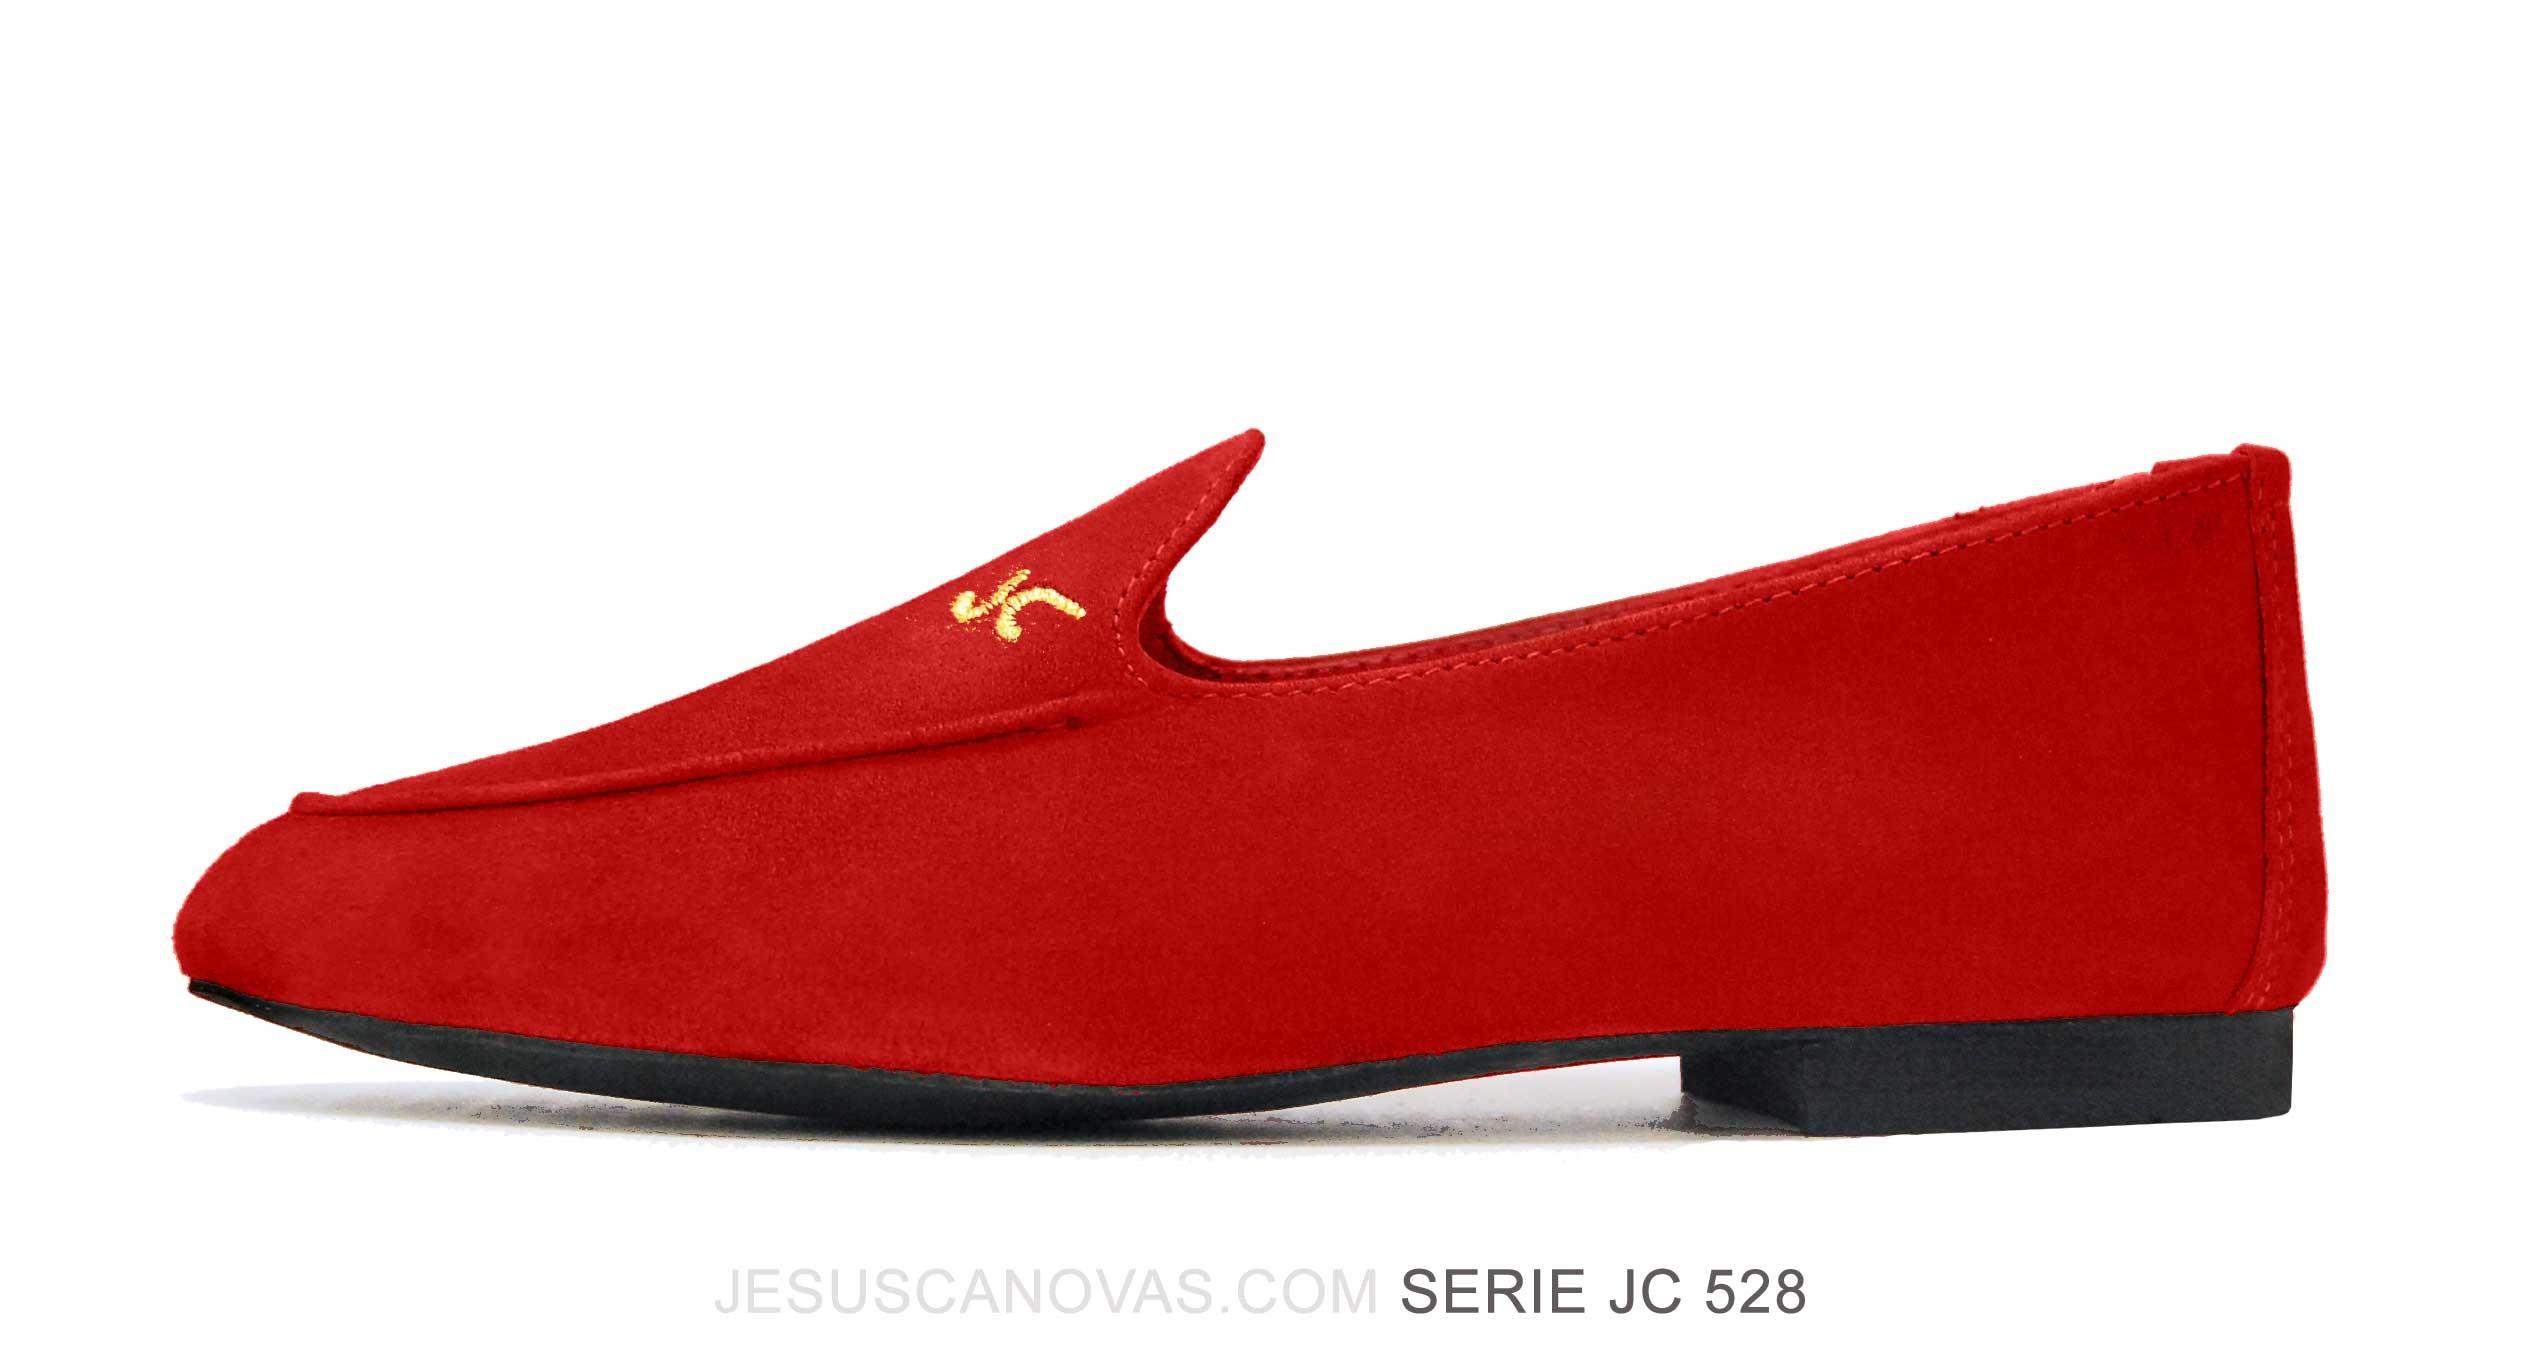 Foto 1 de Zapatos Julio Iglesias Mocasin Rojo Pasion Ante